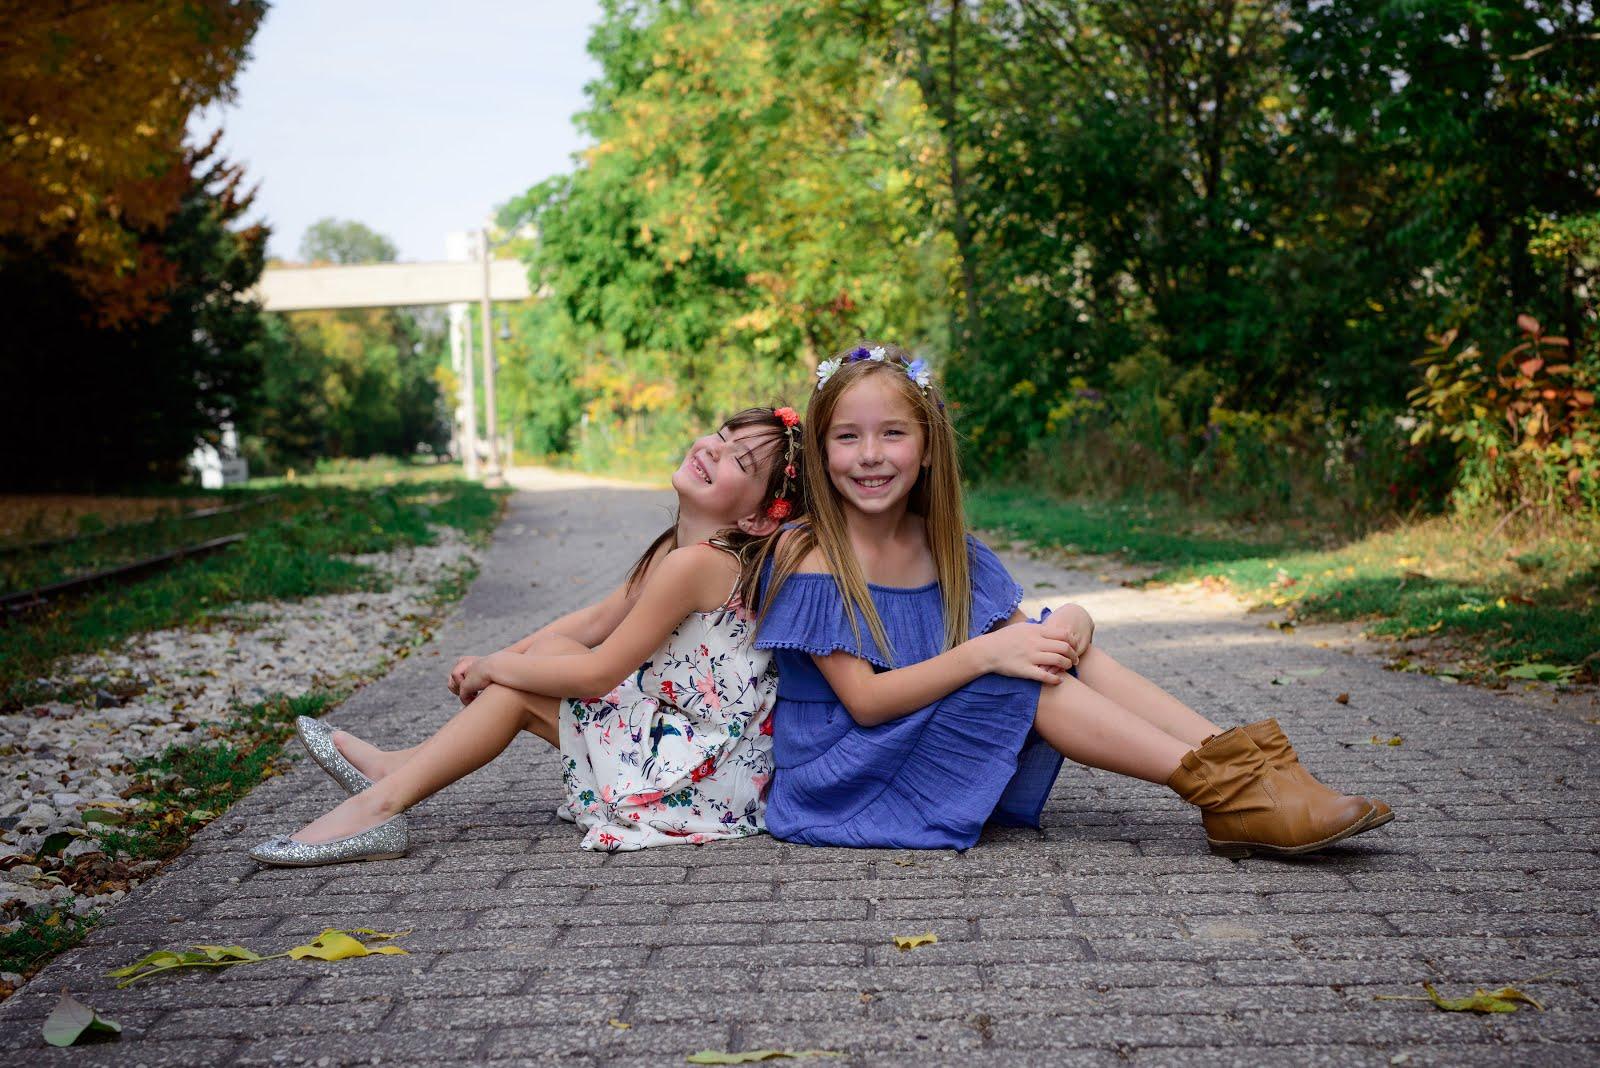 Annika & Selena